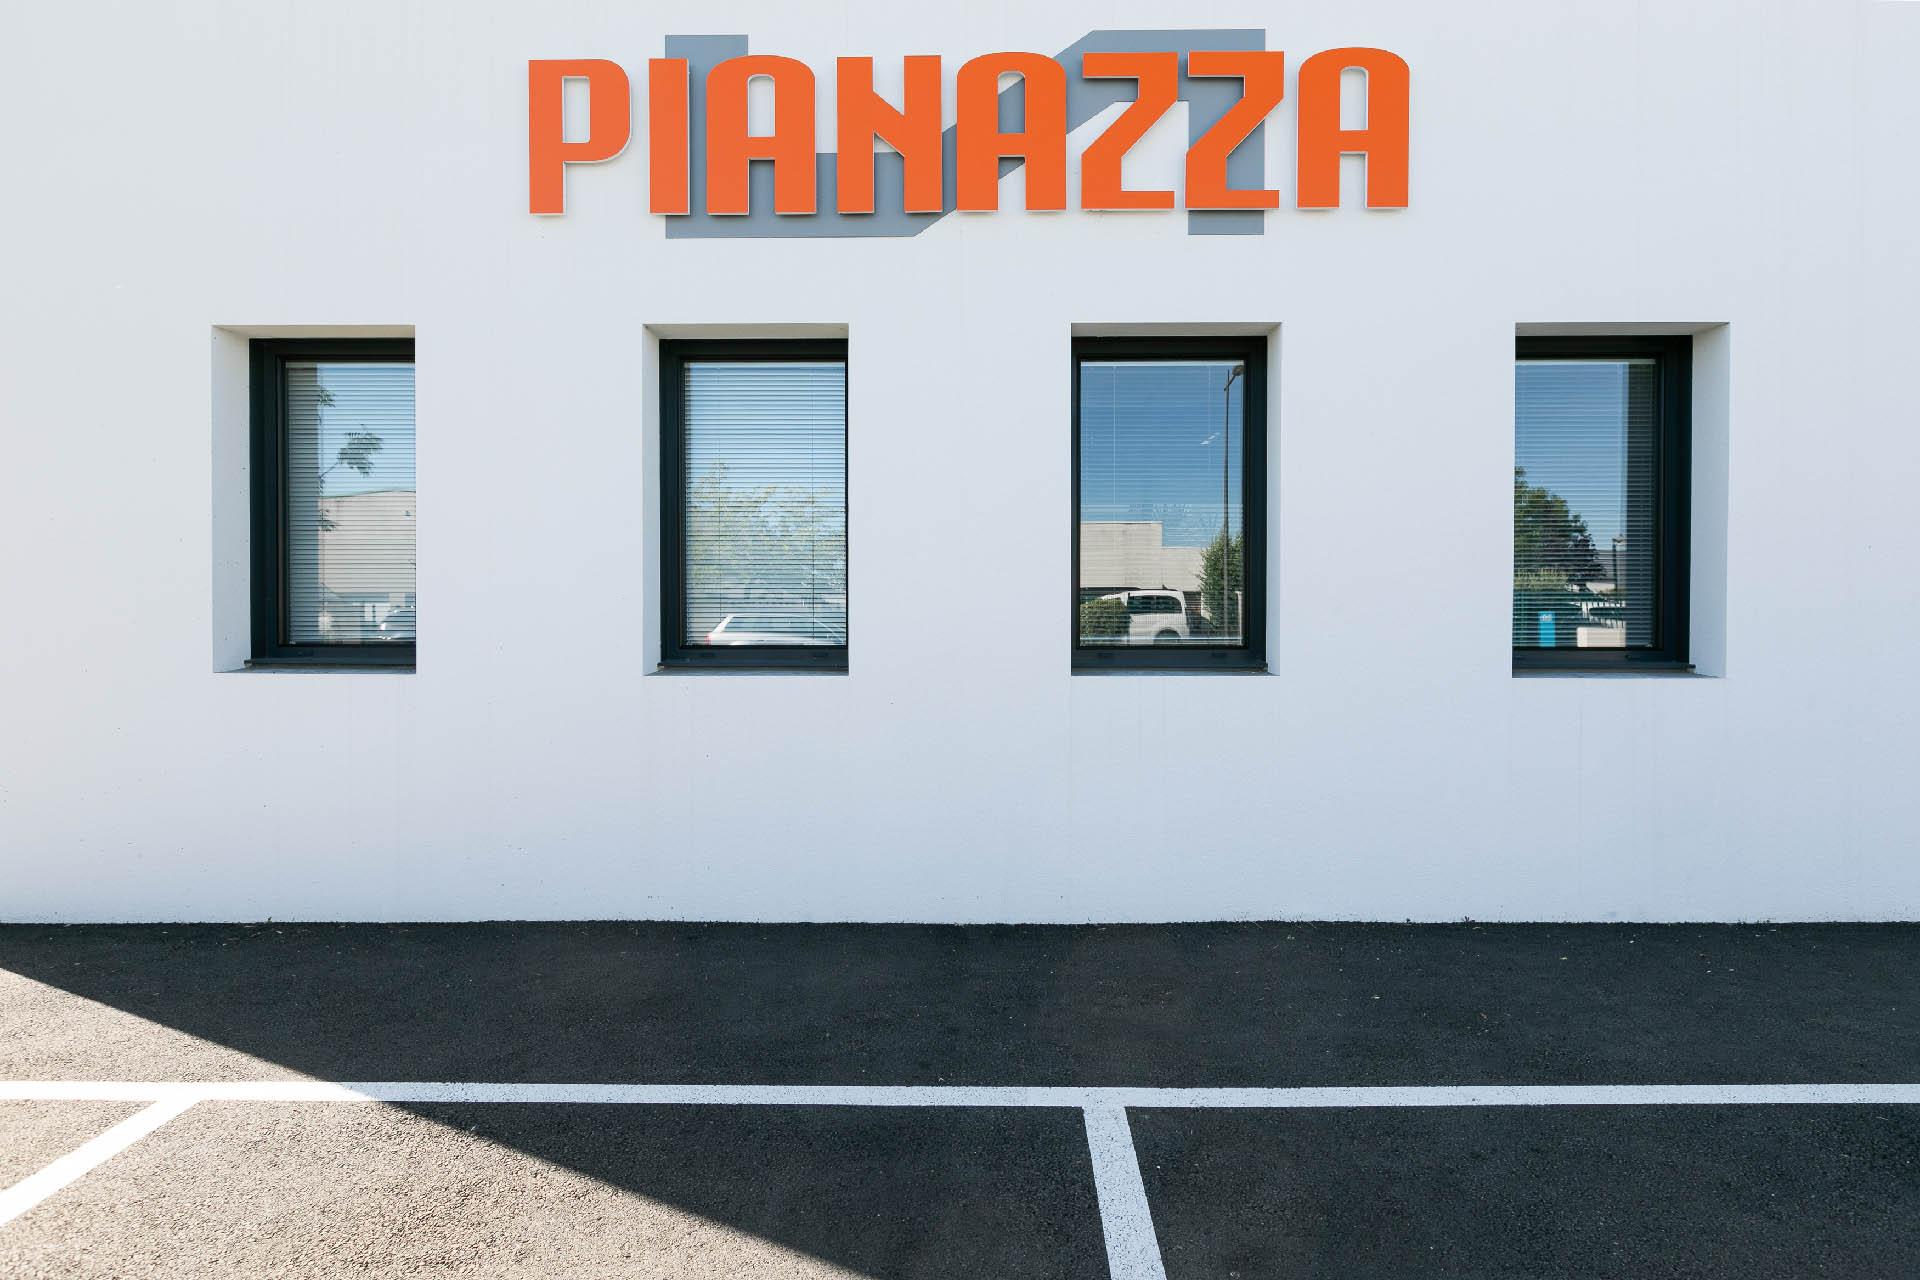 Pianazza-73